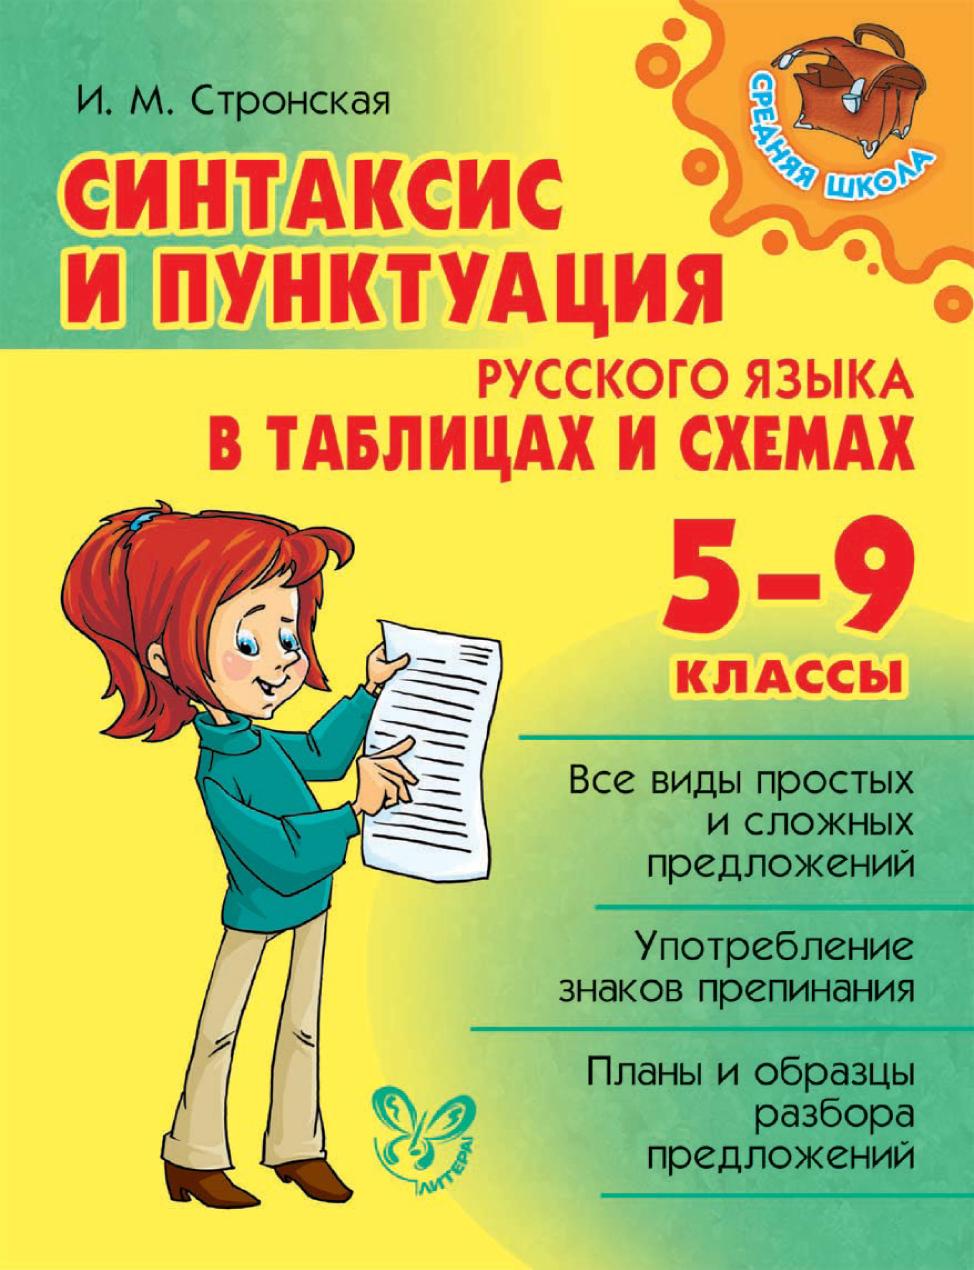 И. М. Стронская Синтаксис и пунктуация русского языка в таблицах и схемах. 5-9 классы синтаксис в таблицах и схемах